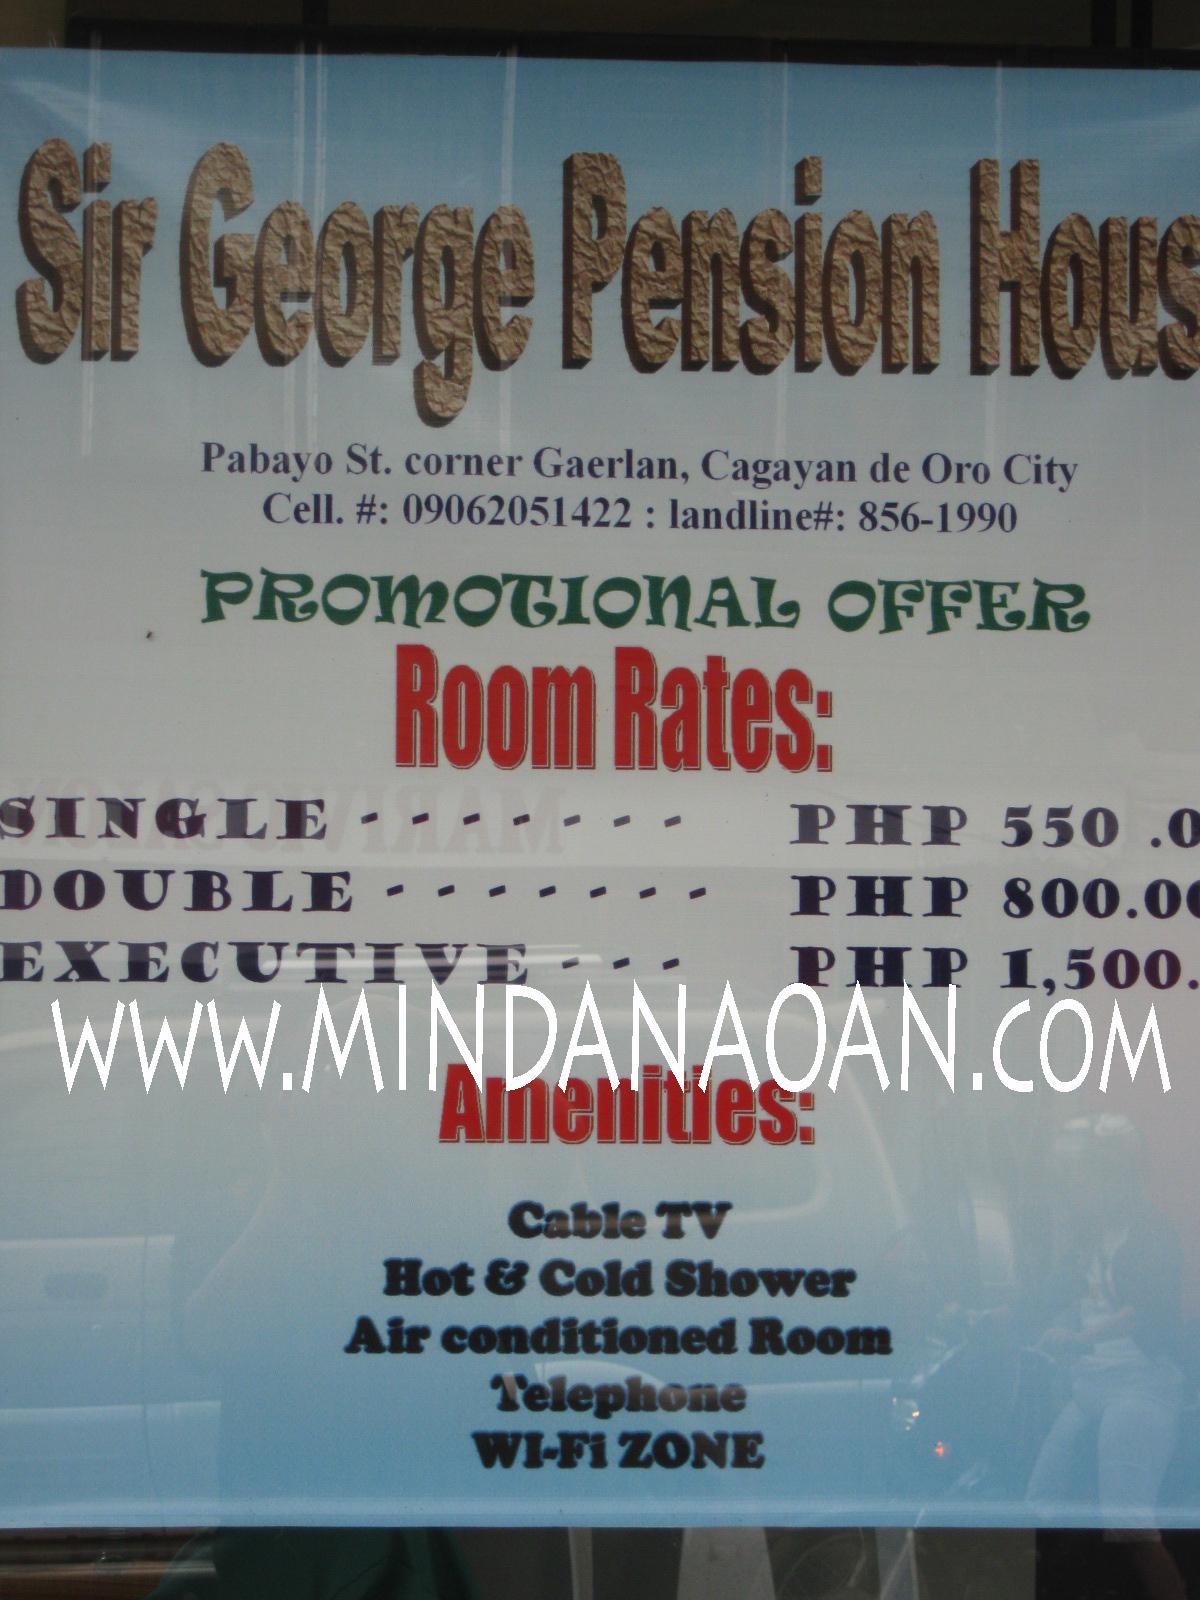 sir-george-pension-house